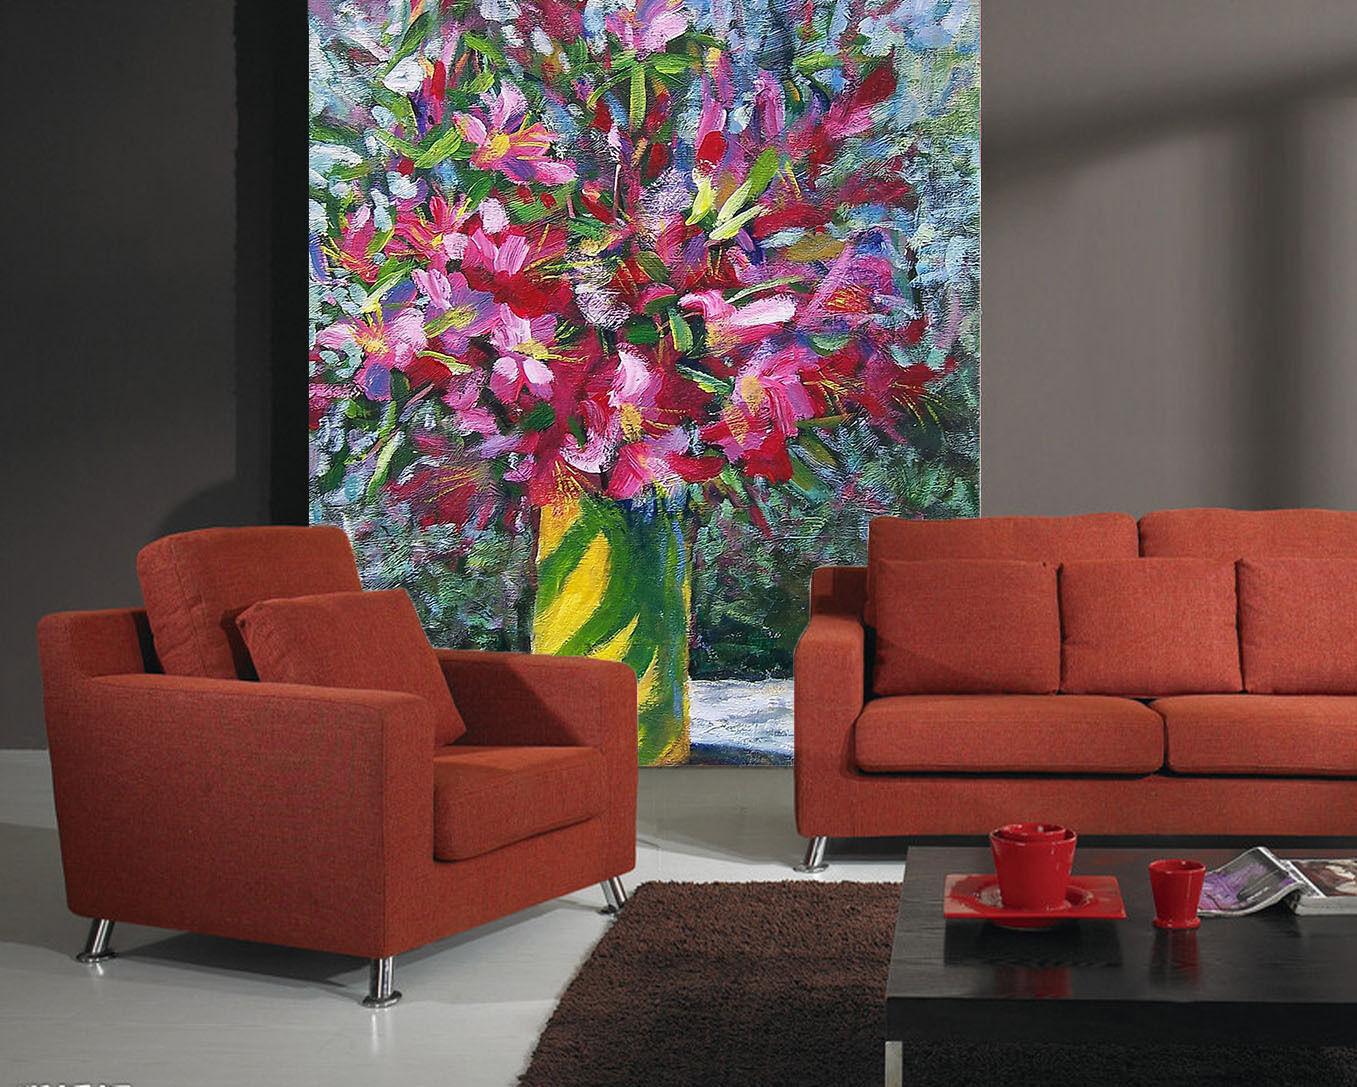 3D Vase Painting 618 WallPaper Murals Wall Print Decal Wall Deco AJ WALLPAPER